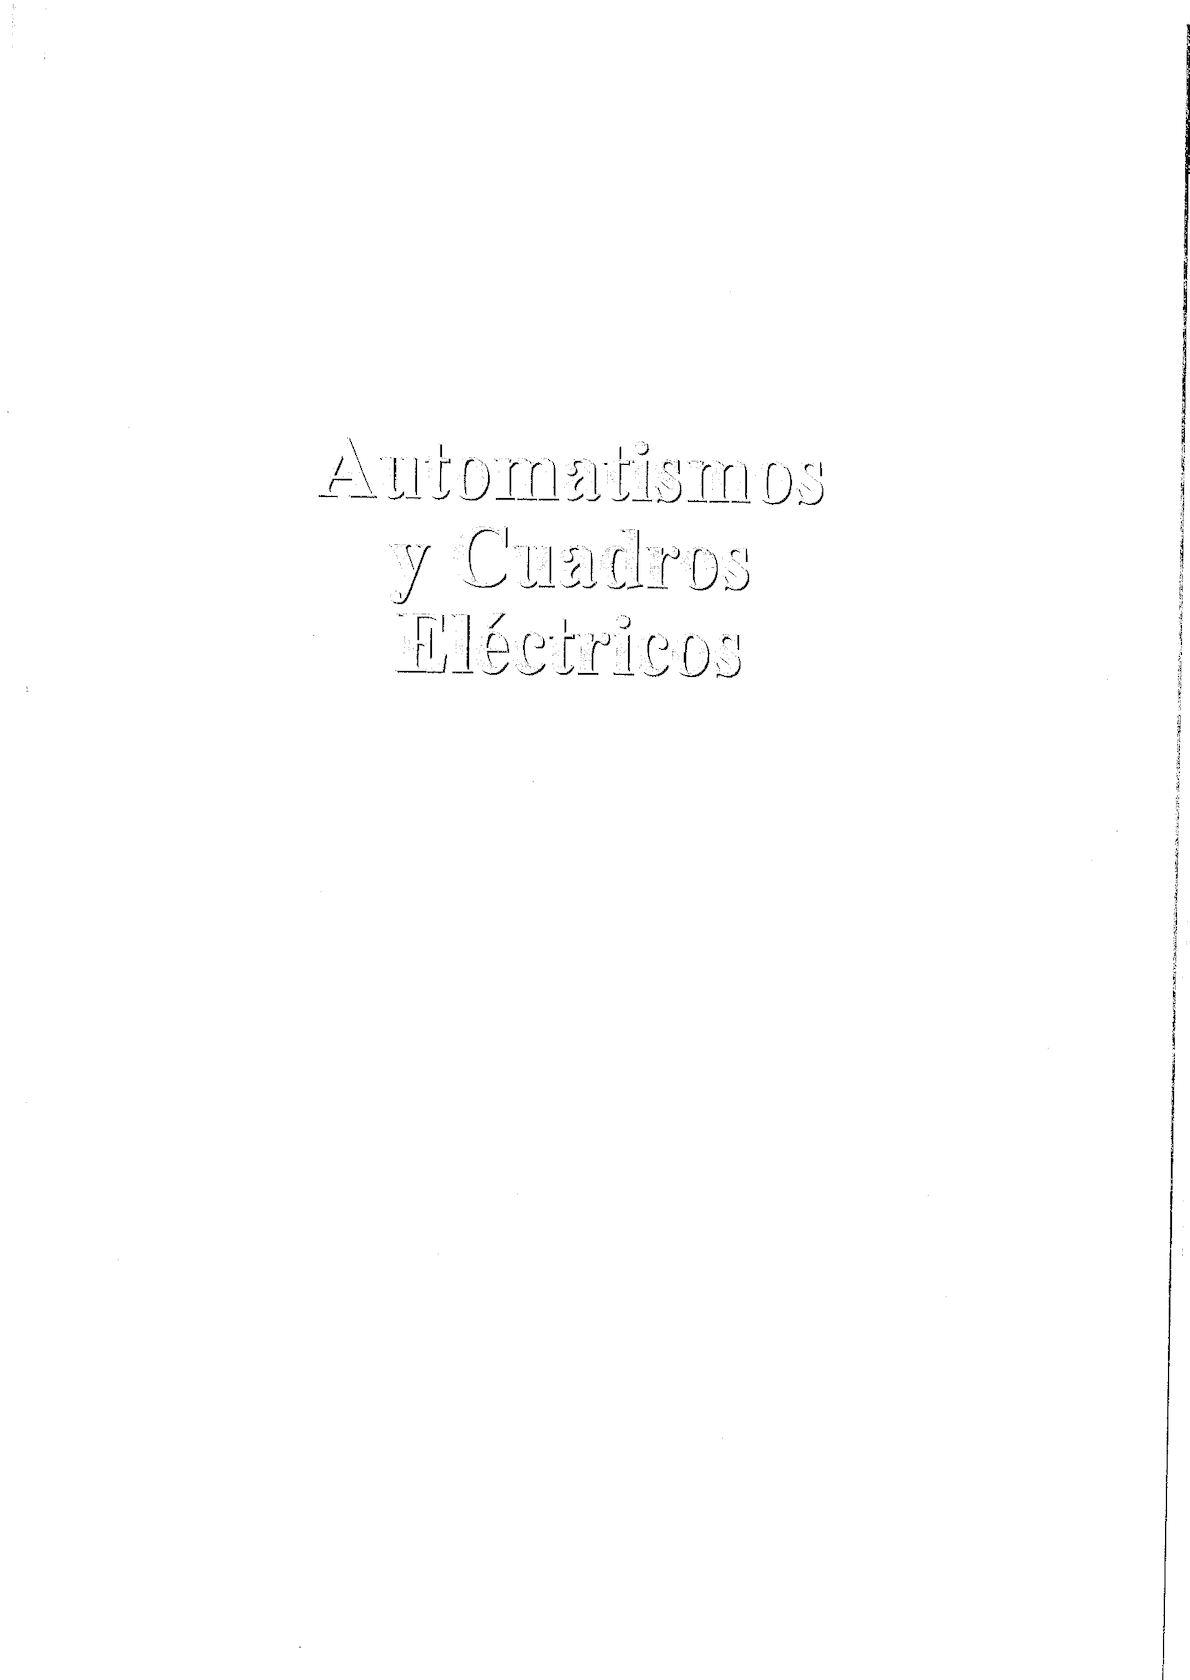 AUTOMATISMOS Y CUADROS ELECTRICOS - VAF